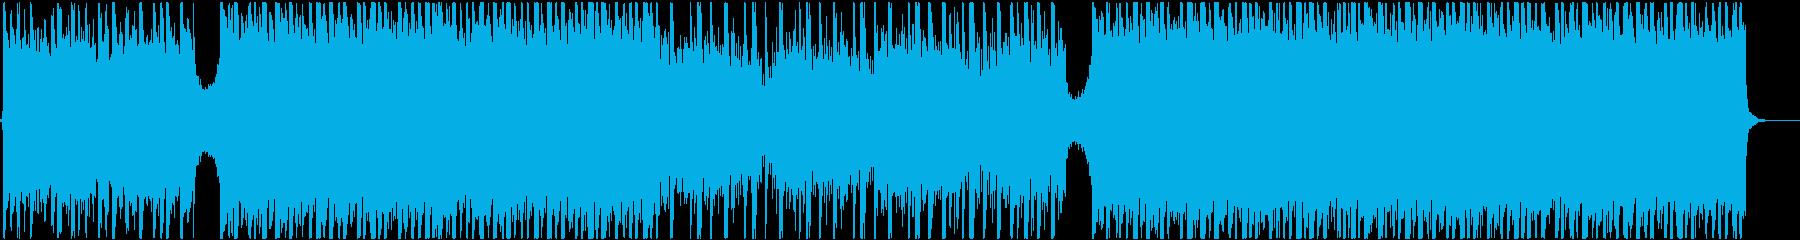 最新HipHopと感動系の高次元ミックスの再生済みの波形